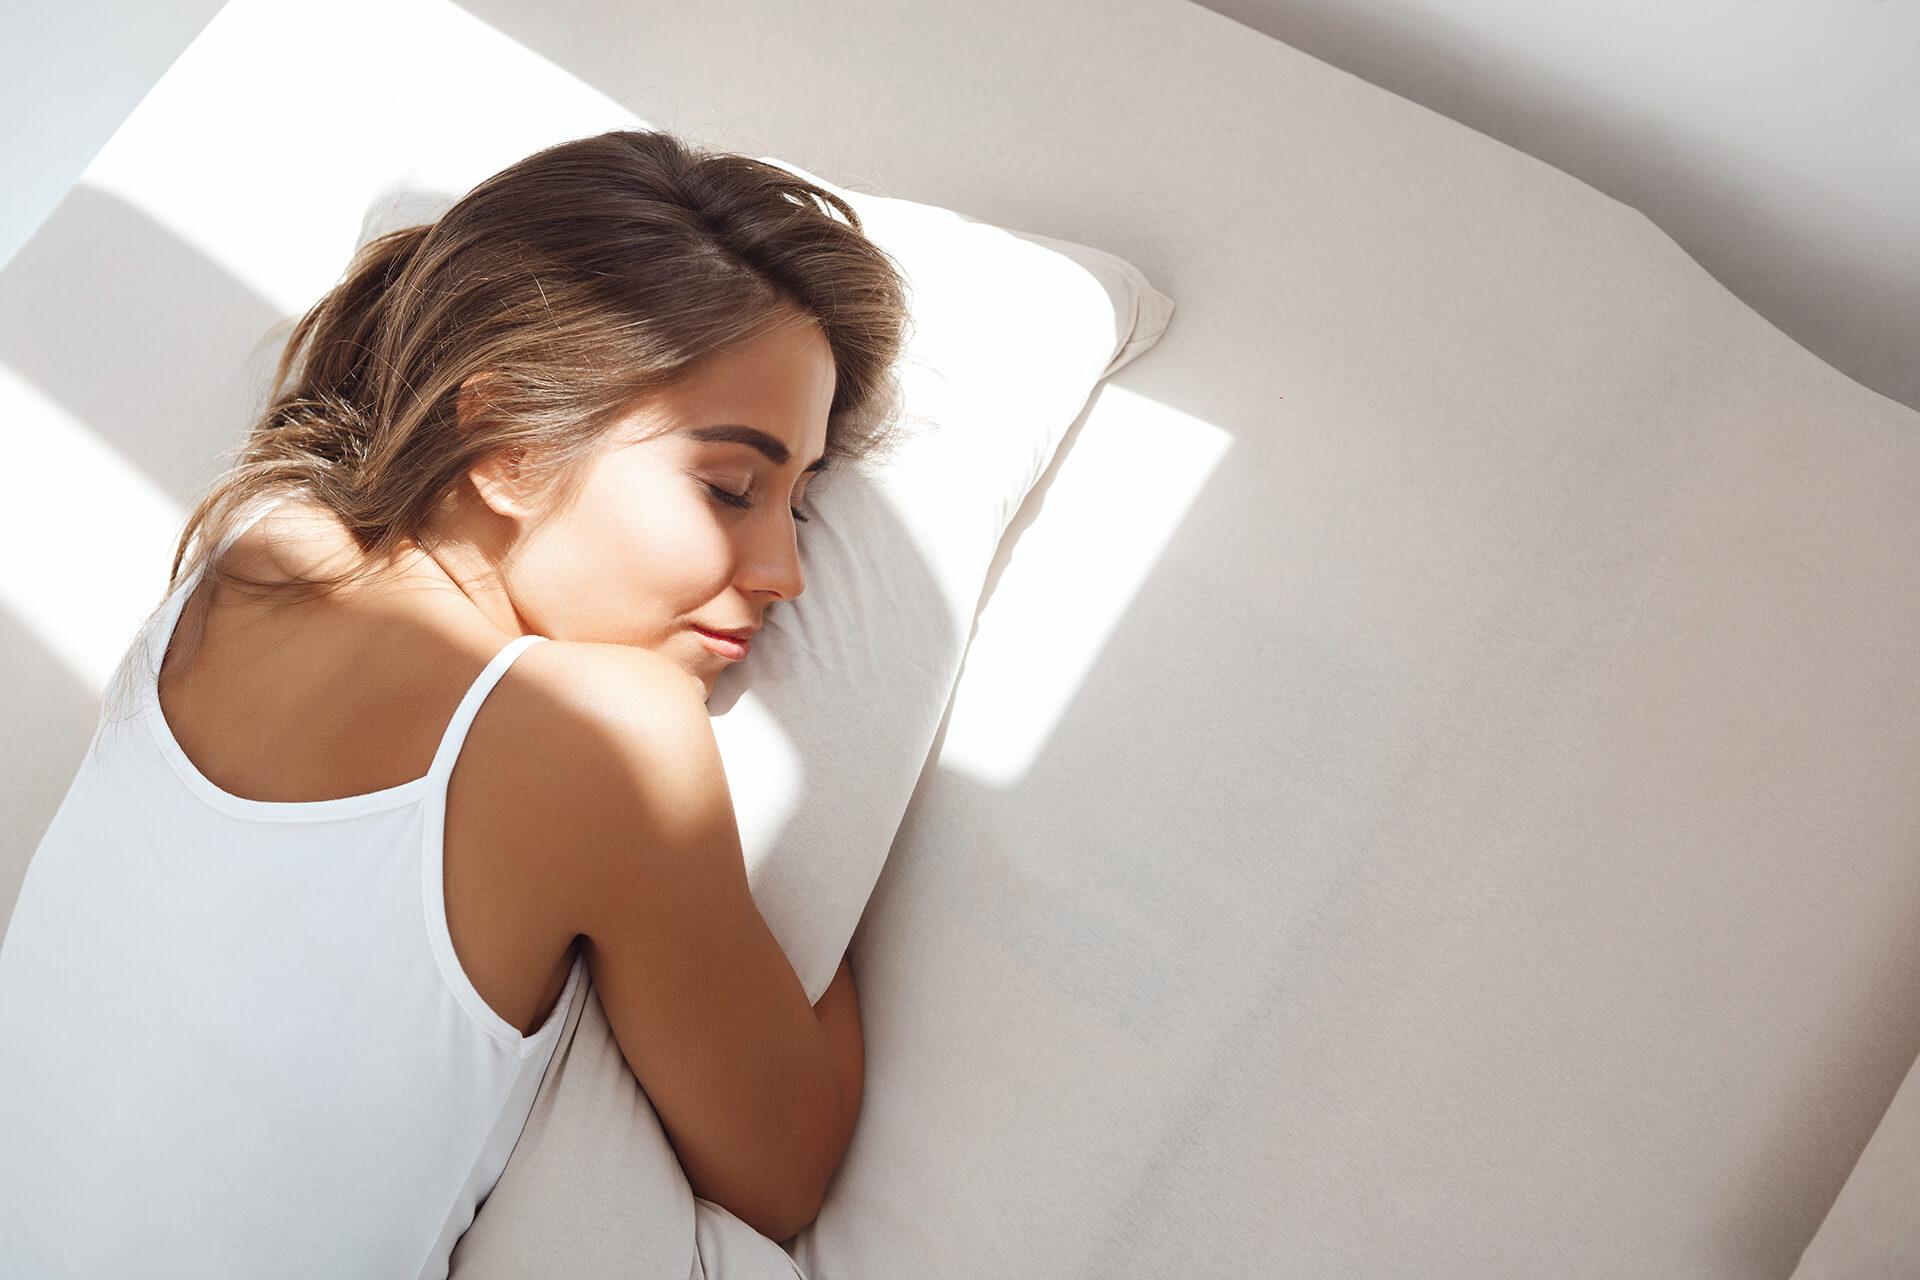 ¿Ayudará una nueva almohada a mi dolor de cuello?